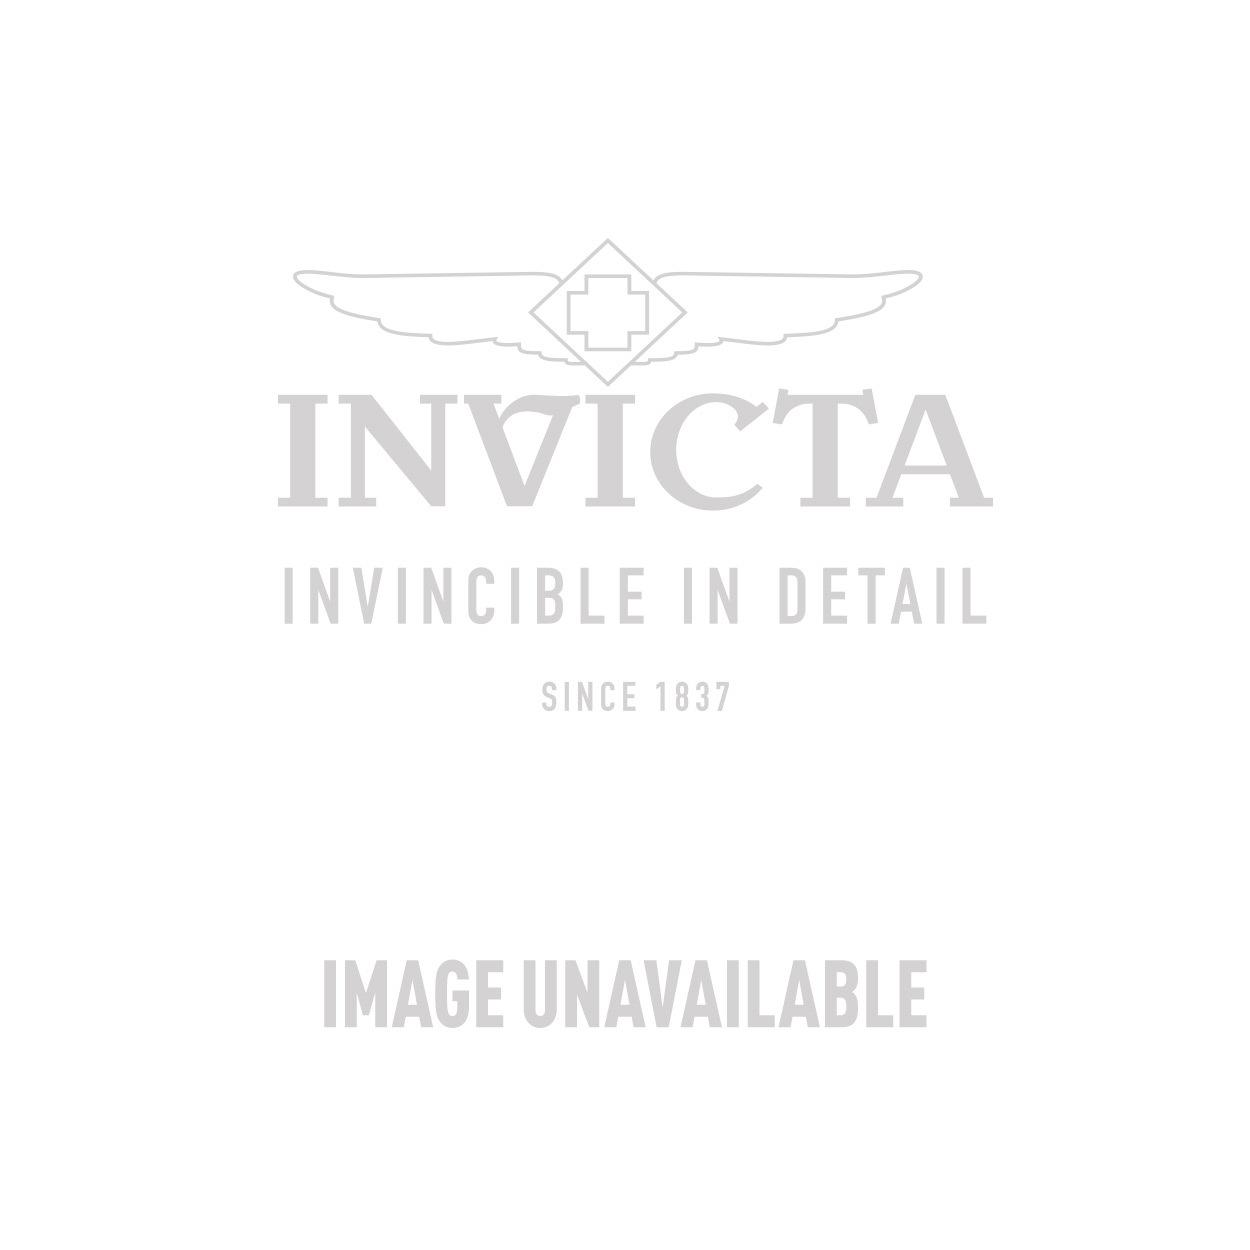 Invicta Model 28769